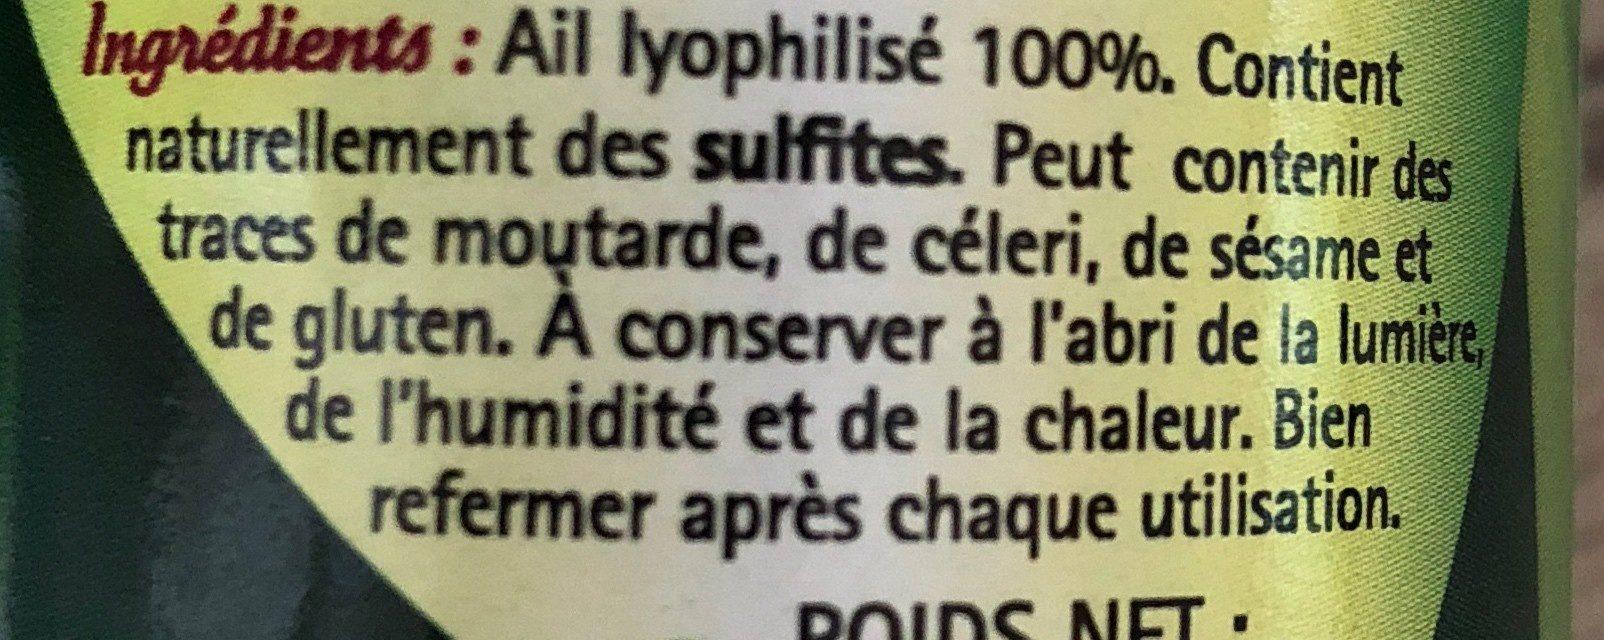 Ail lyophilisé - Ingrediënten - fr